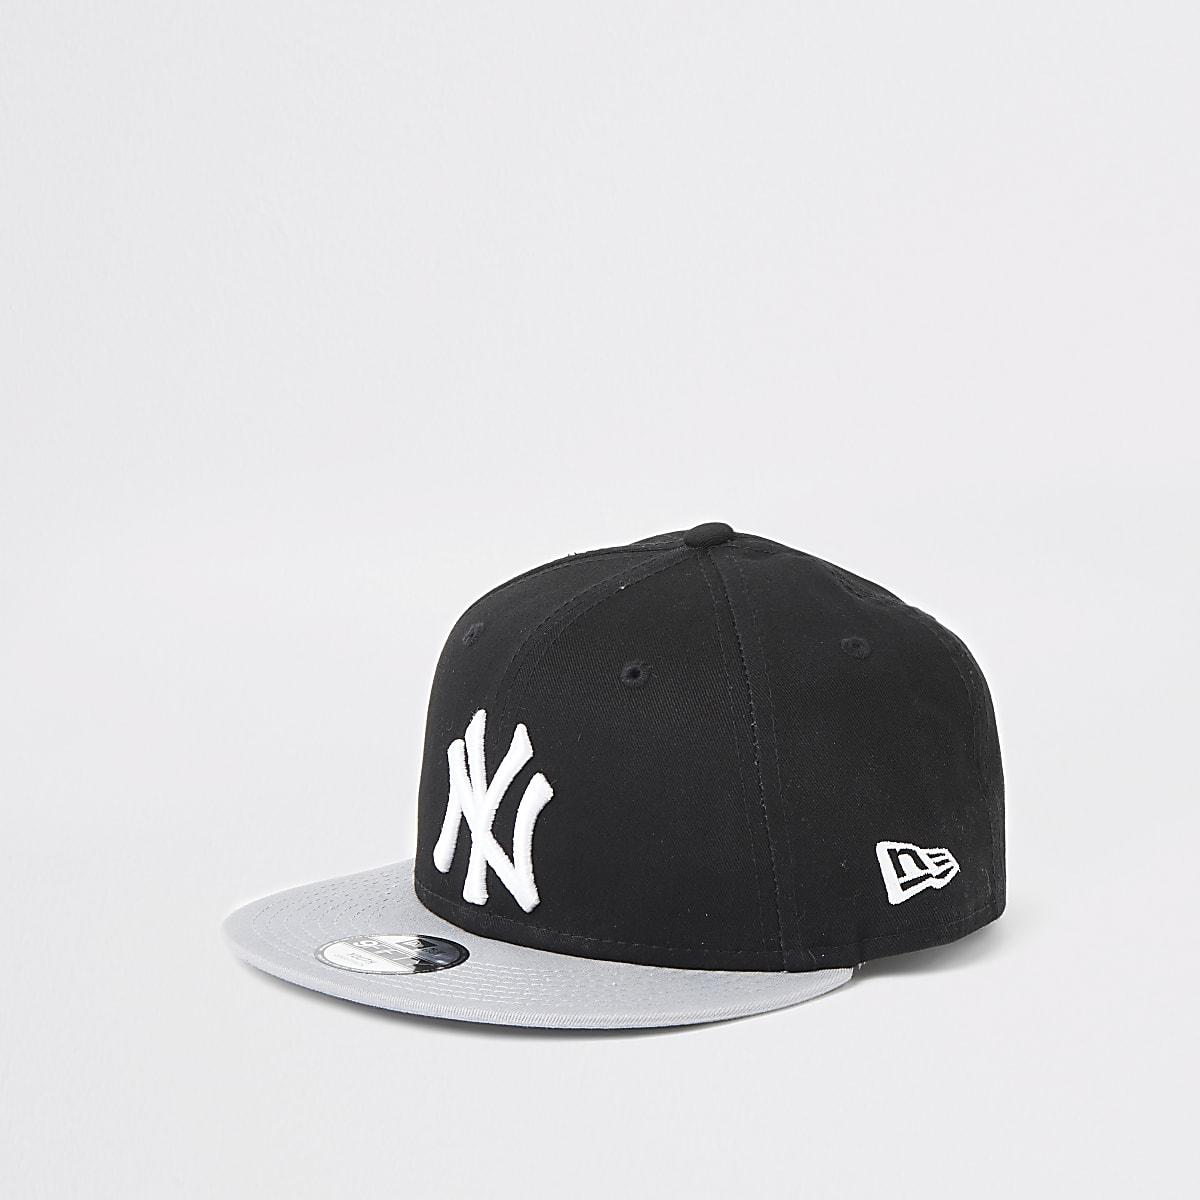 Boys New Era NY black cap